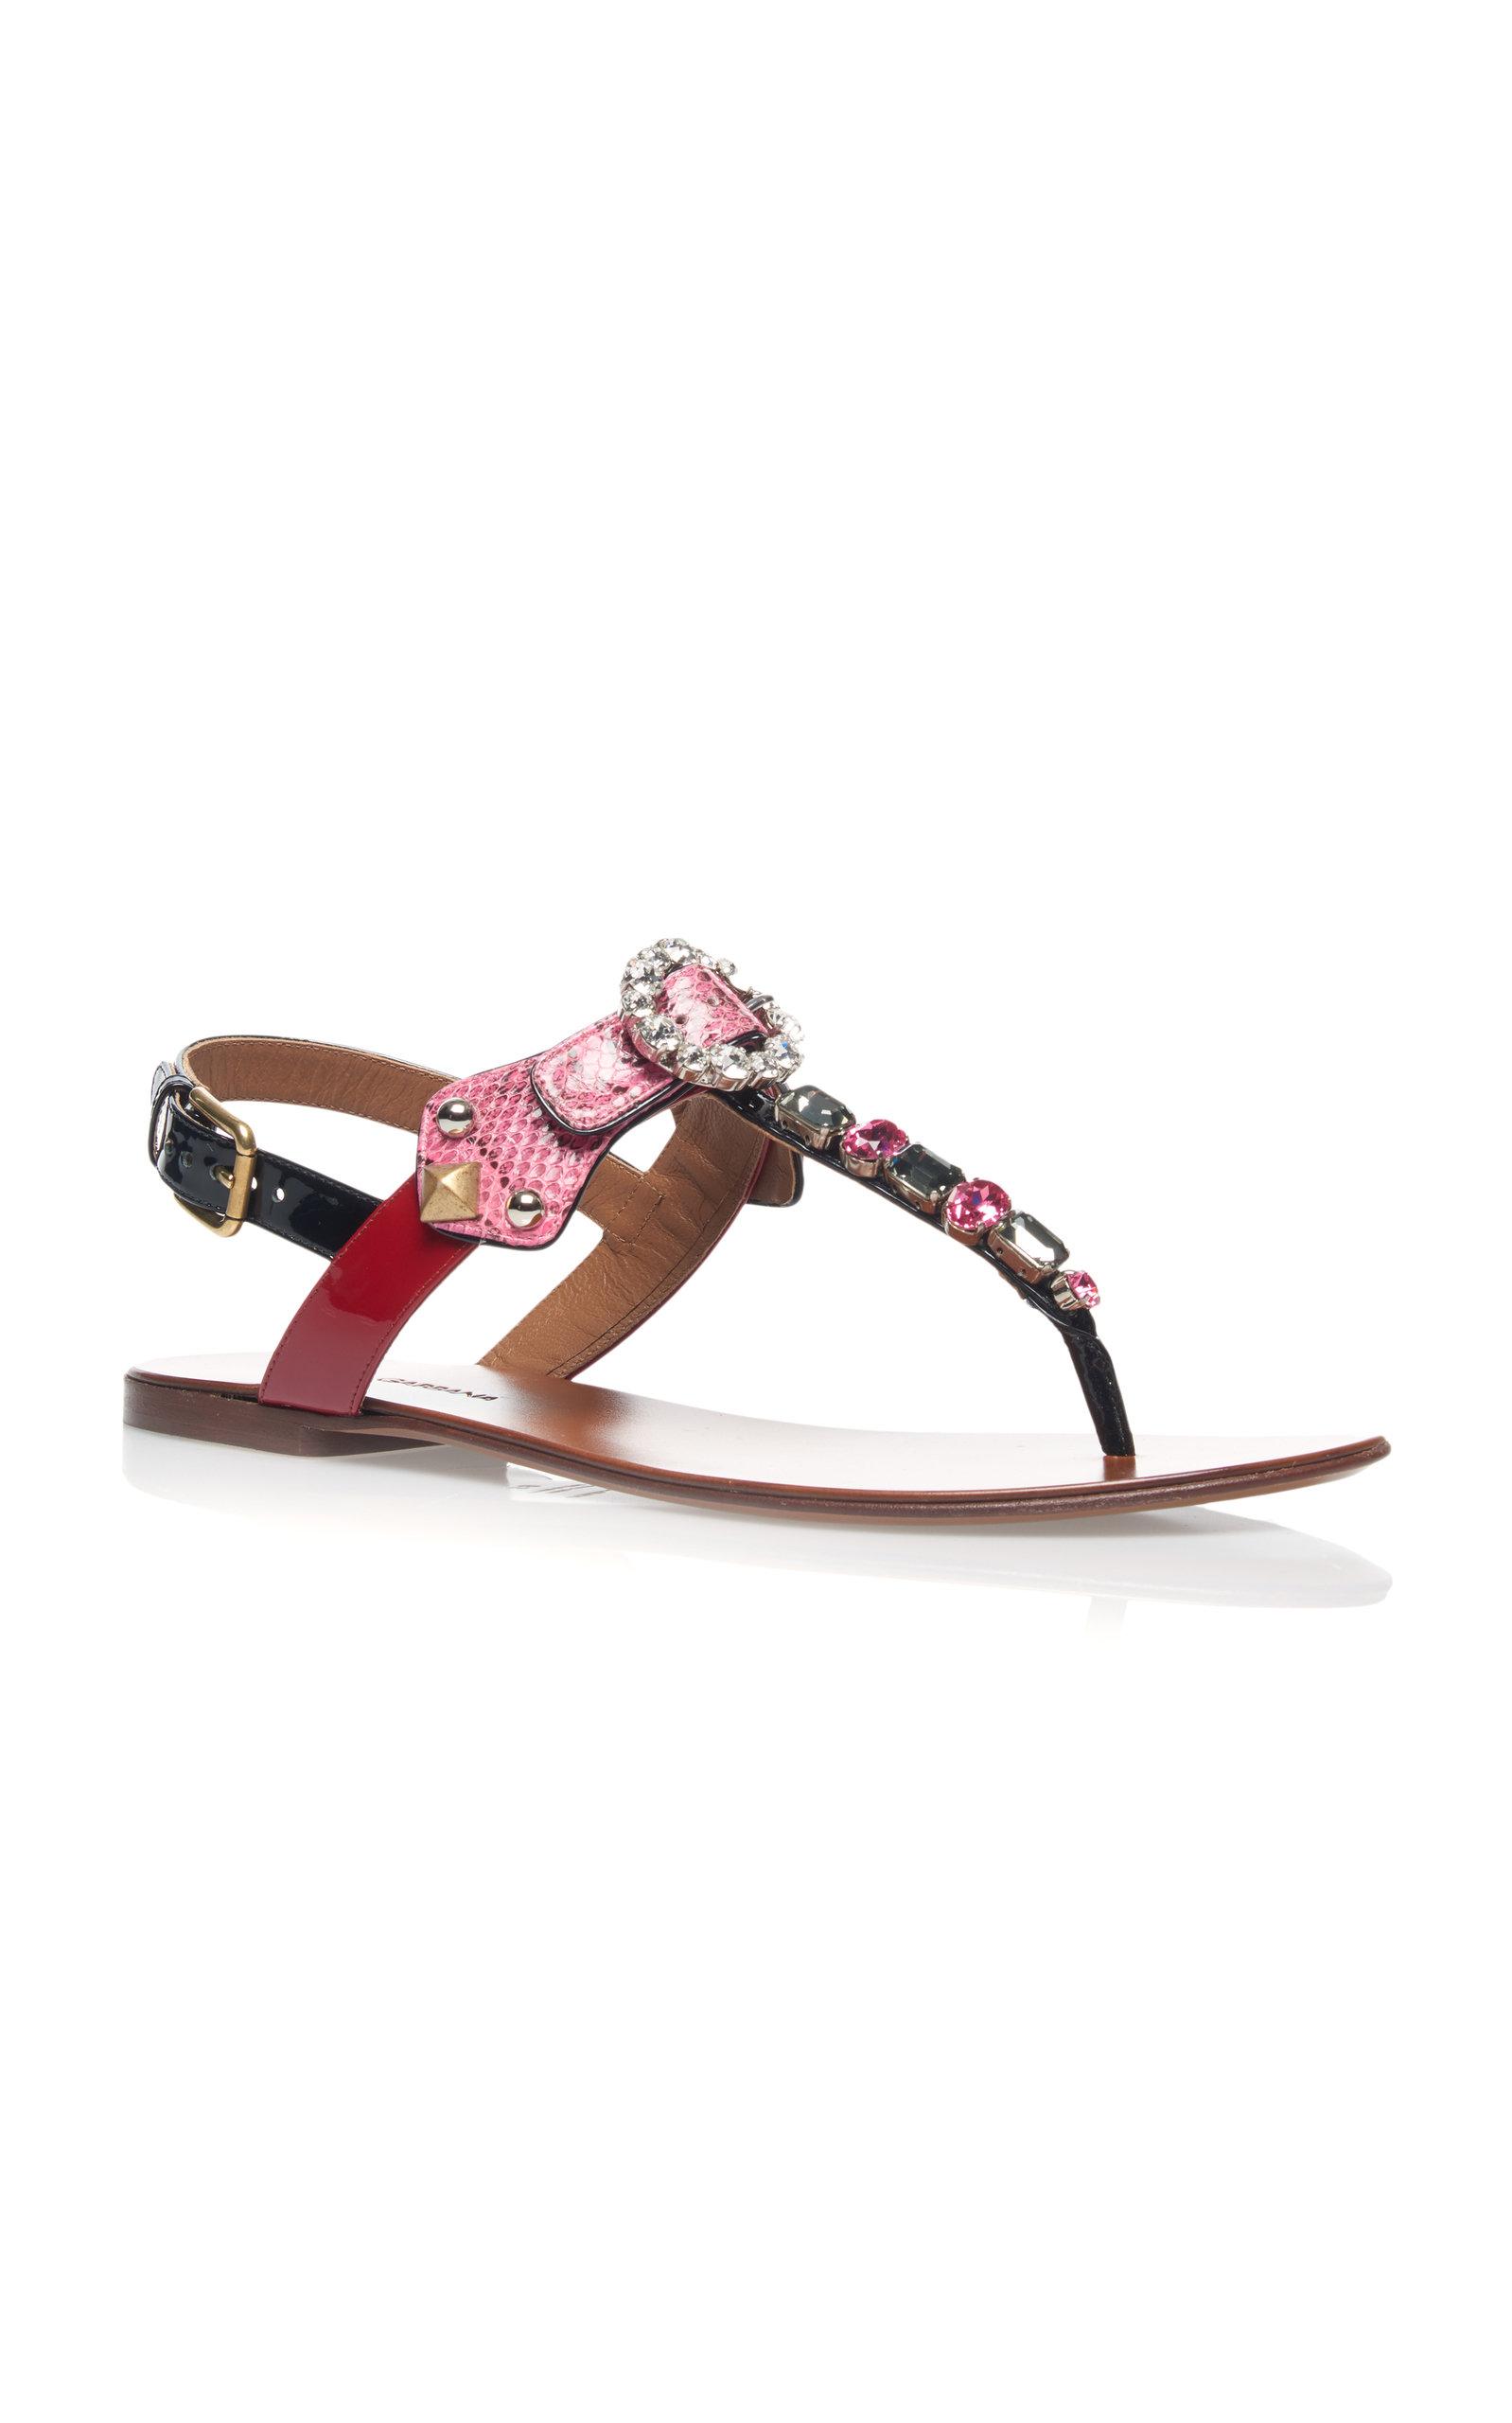 Embellished Snake and Leather Sandals Dolce & Gabbana ORoSbqrM